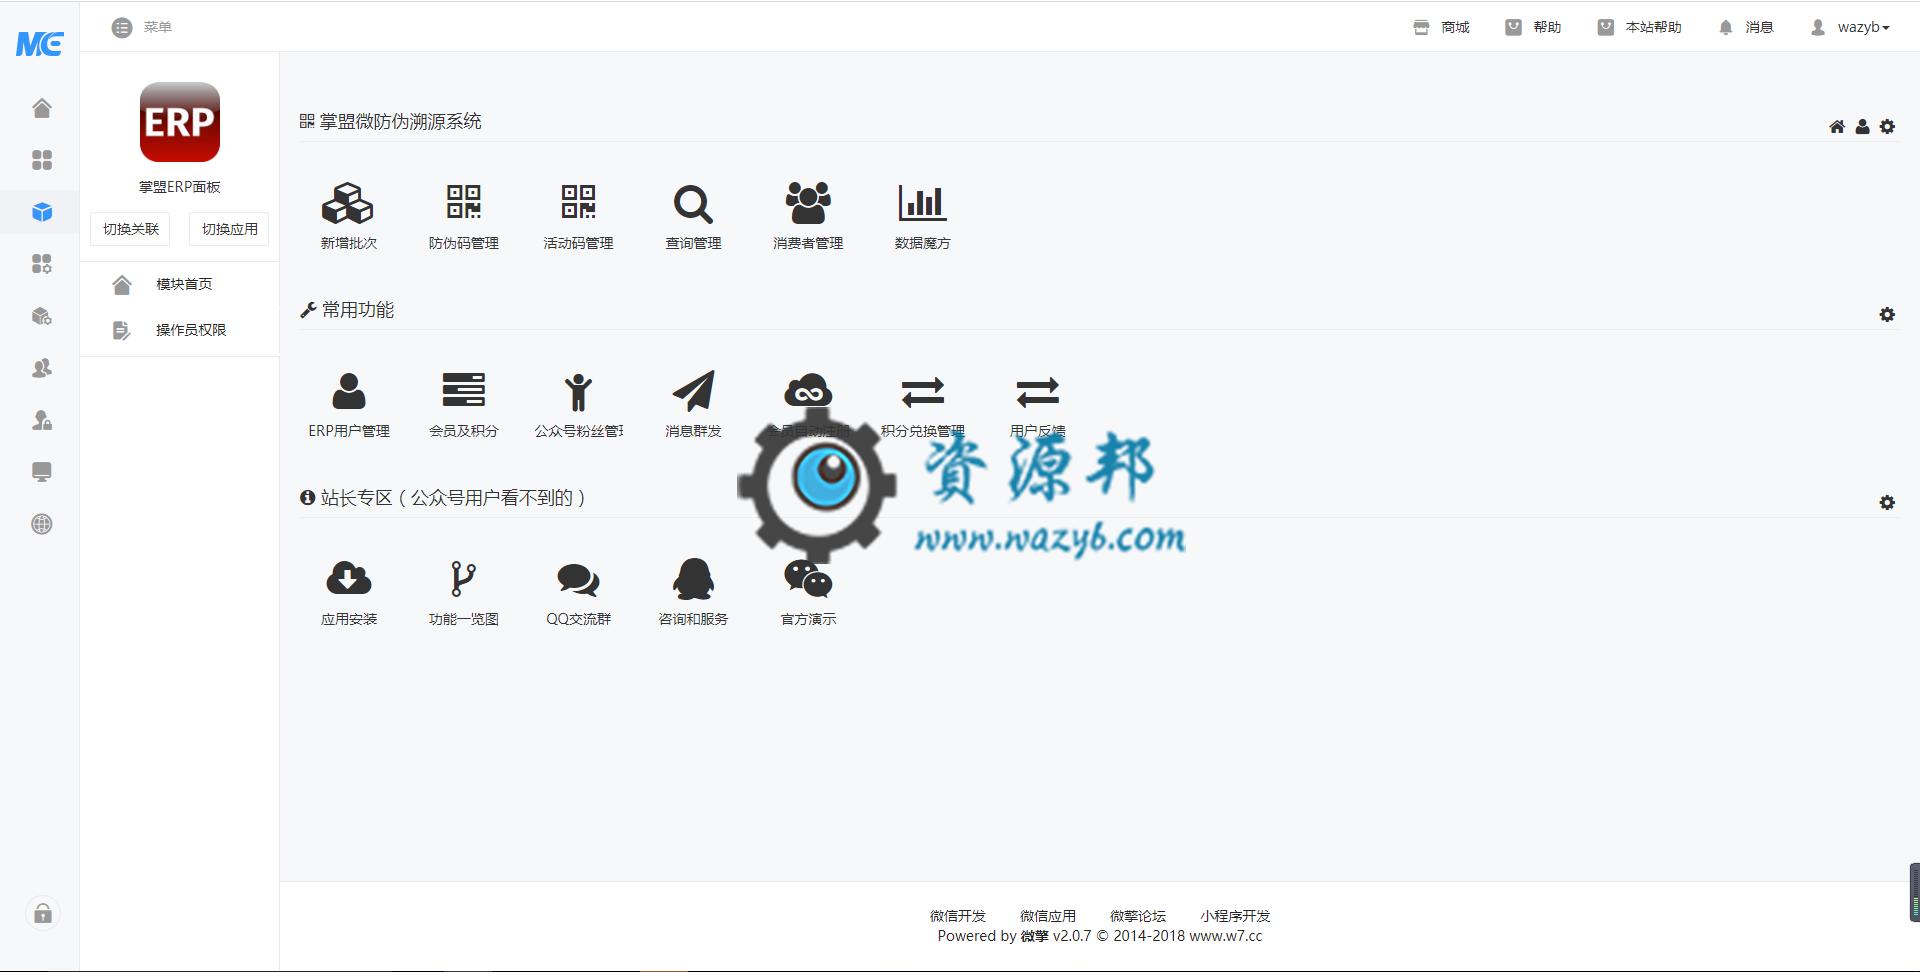 【公众号应用】掌盟ERP面板V1.2.0完整安装包,更新UI库,新增小功能 公众号应用 第2张